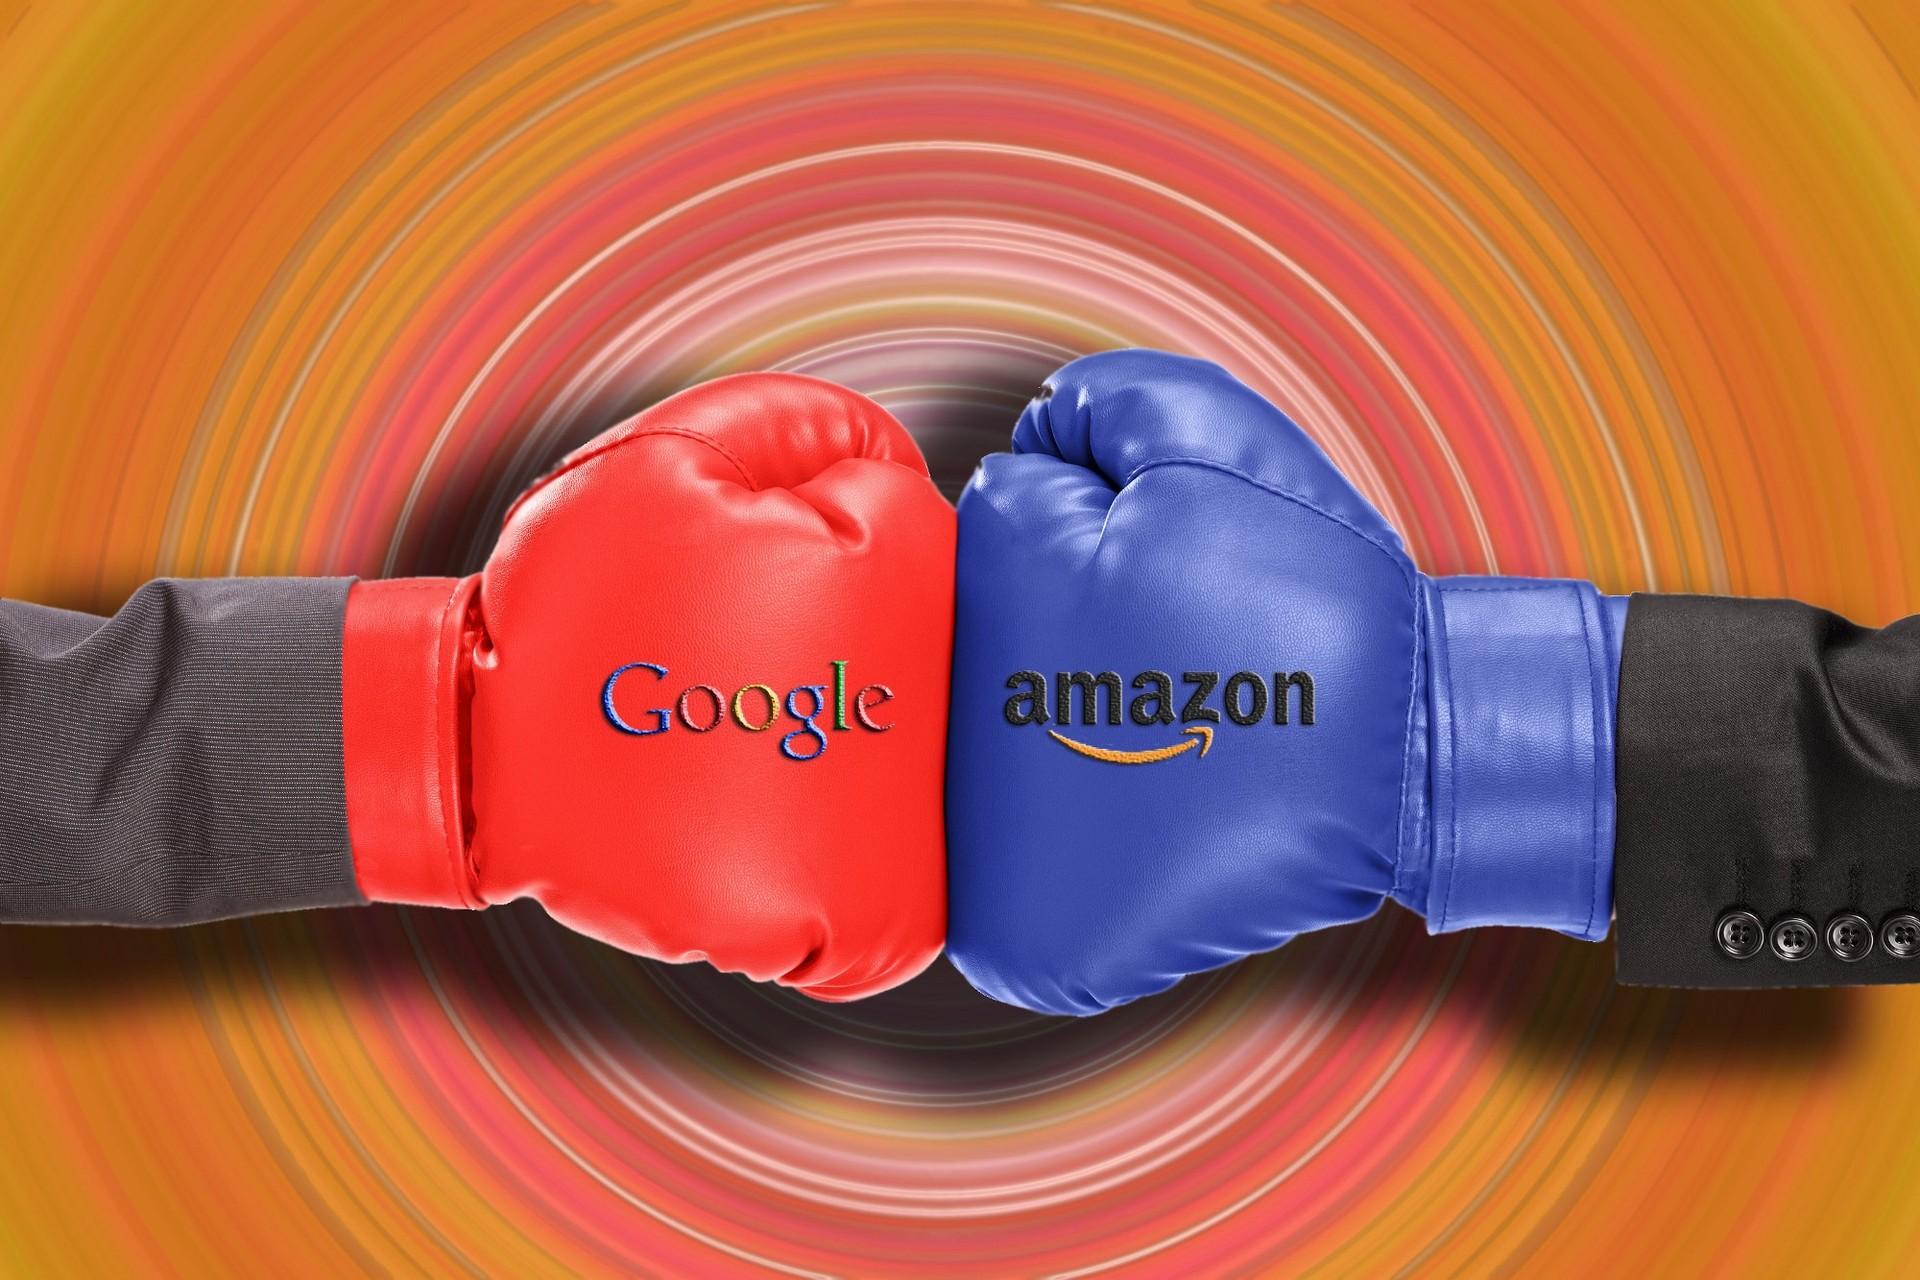 谷歌/谷歌VS亚马逊